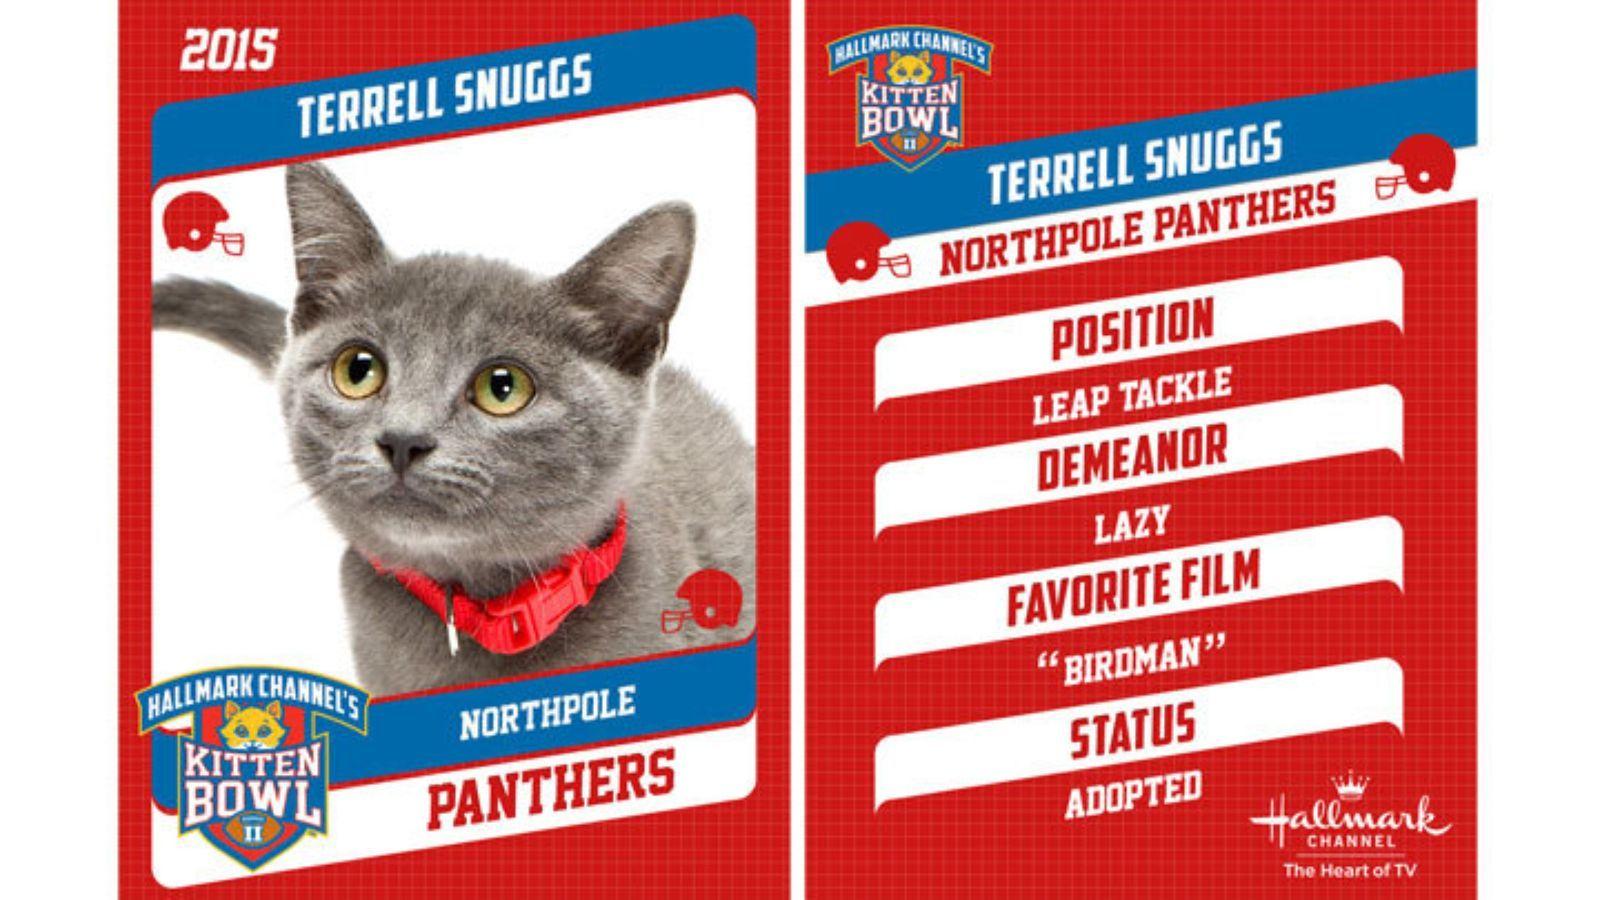 The Kitten Bowl Kittens Are Named After Nfl Stars Kitten Bowls Kitten Bowl